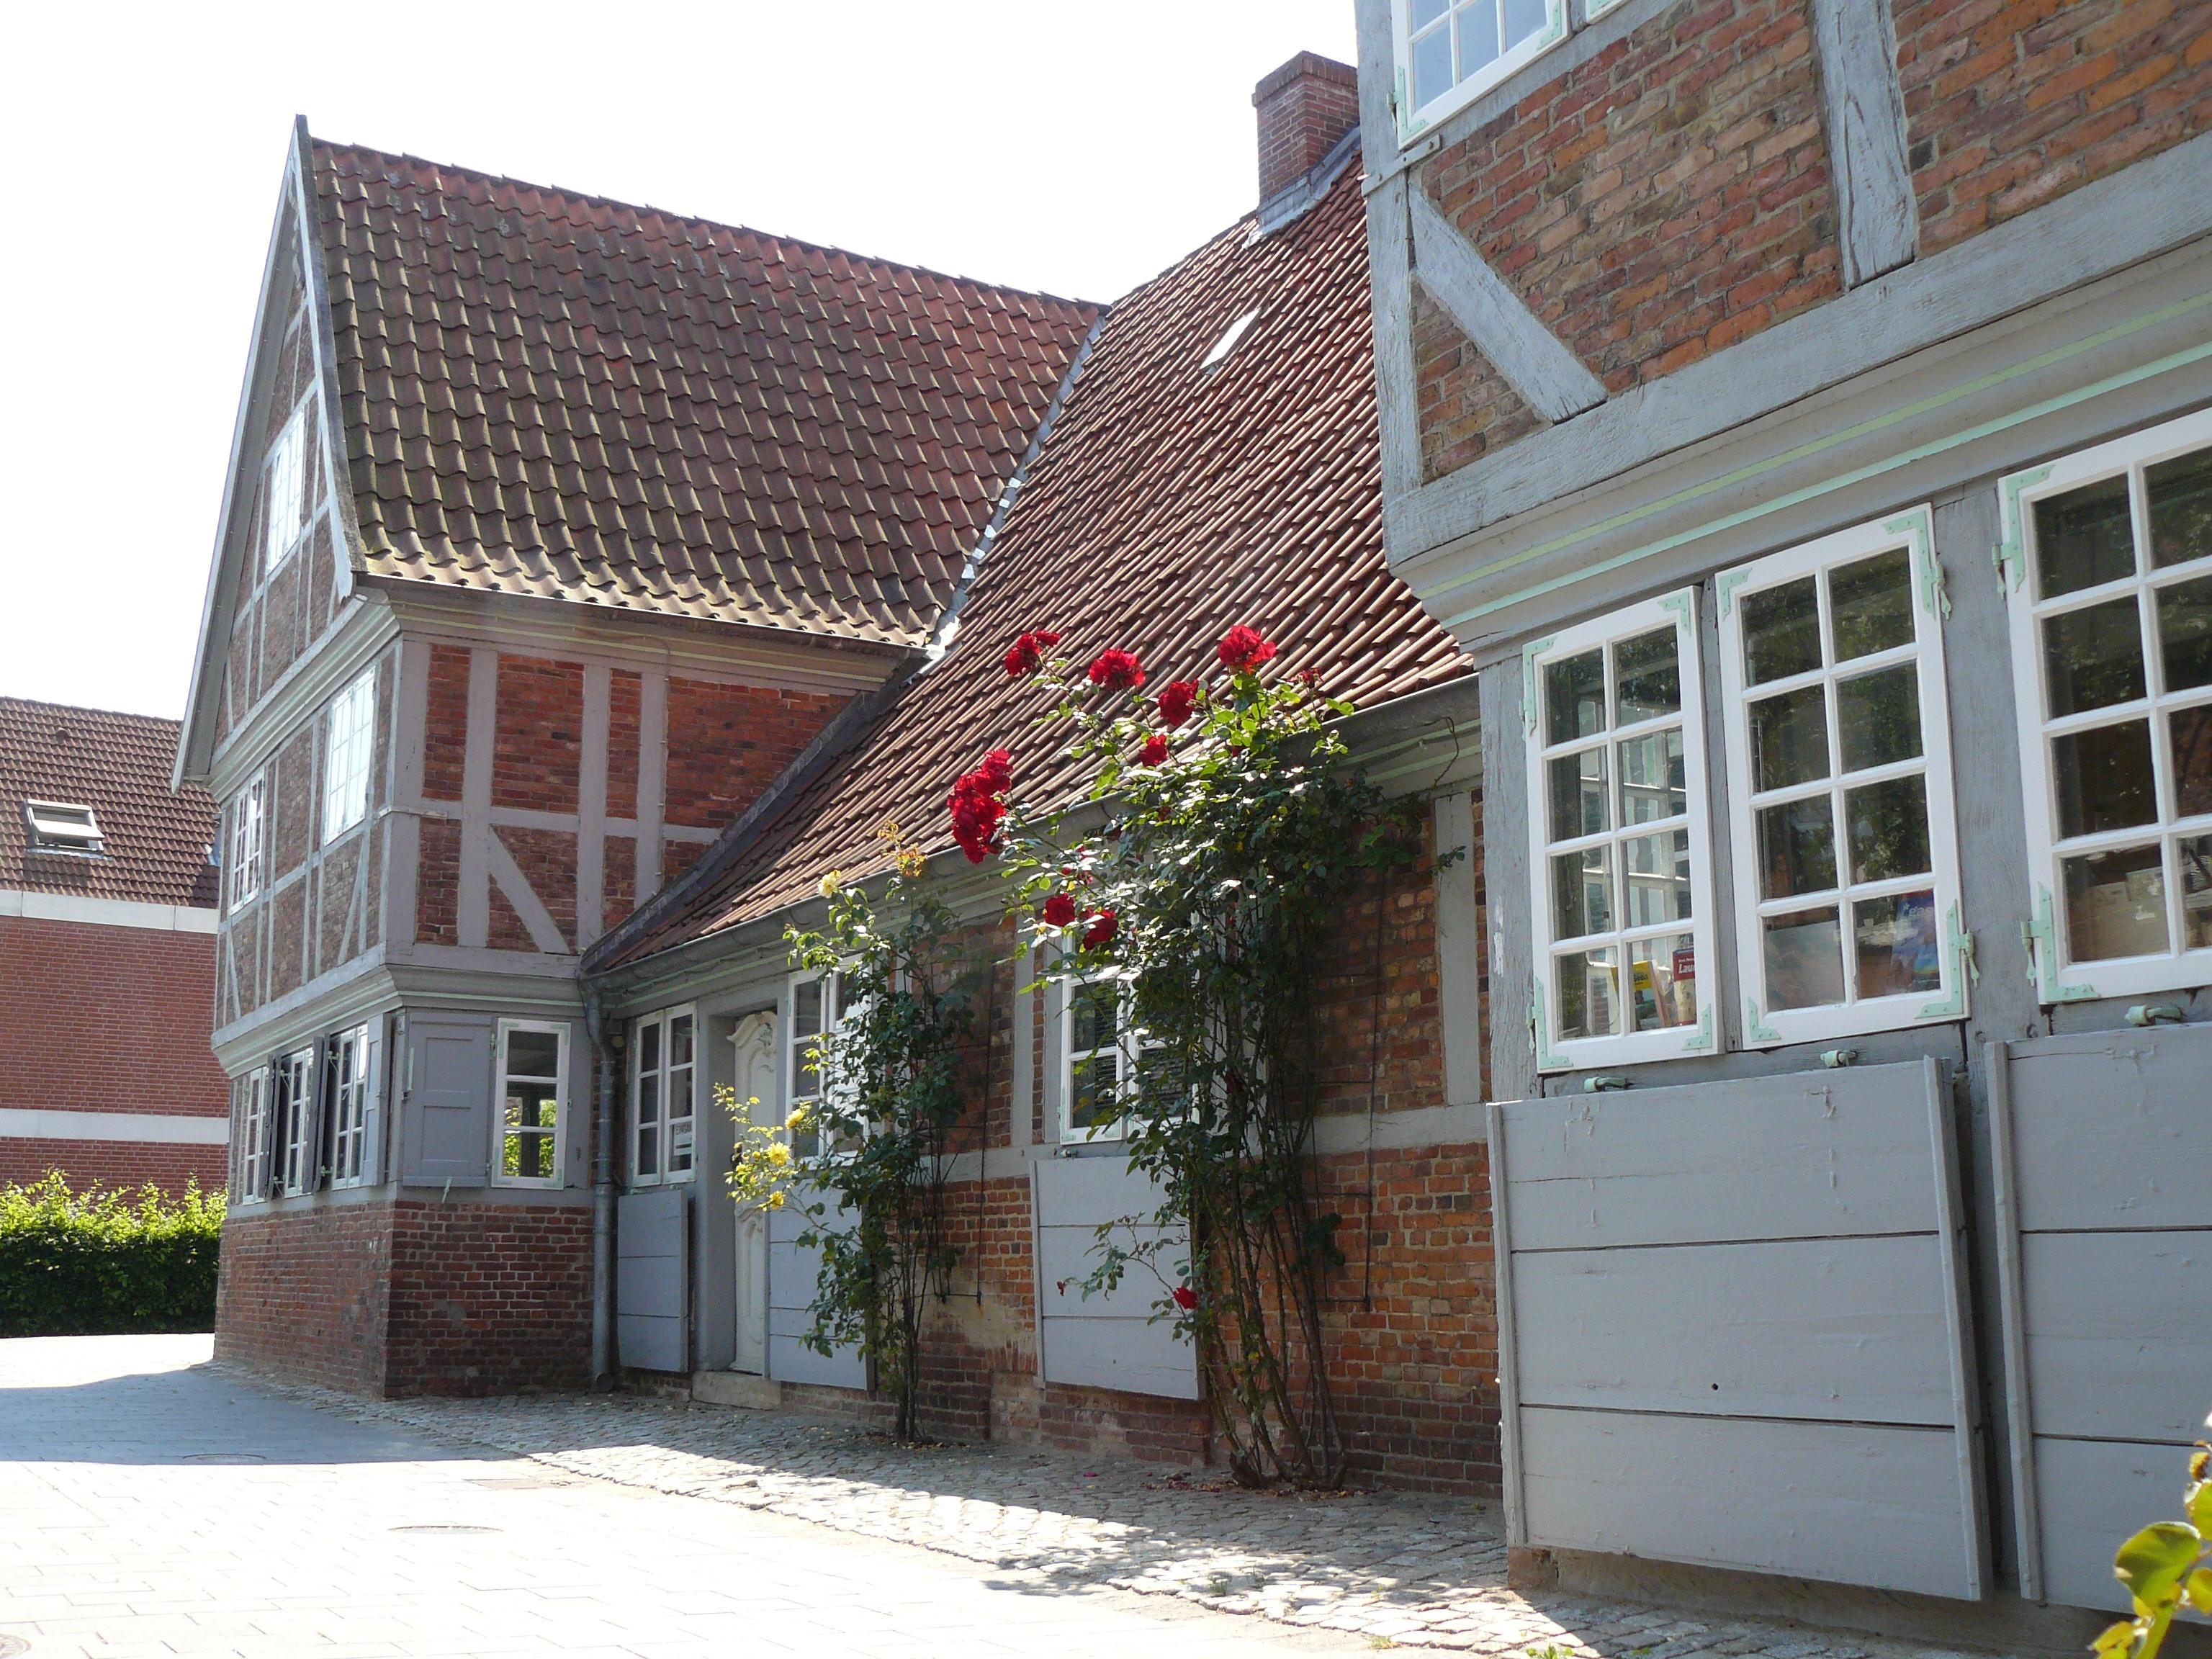 krügersches Haus in Geesthacht an der Elbe